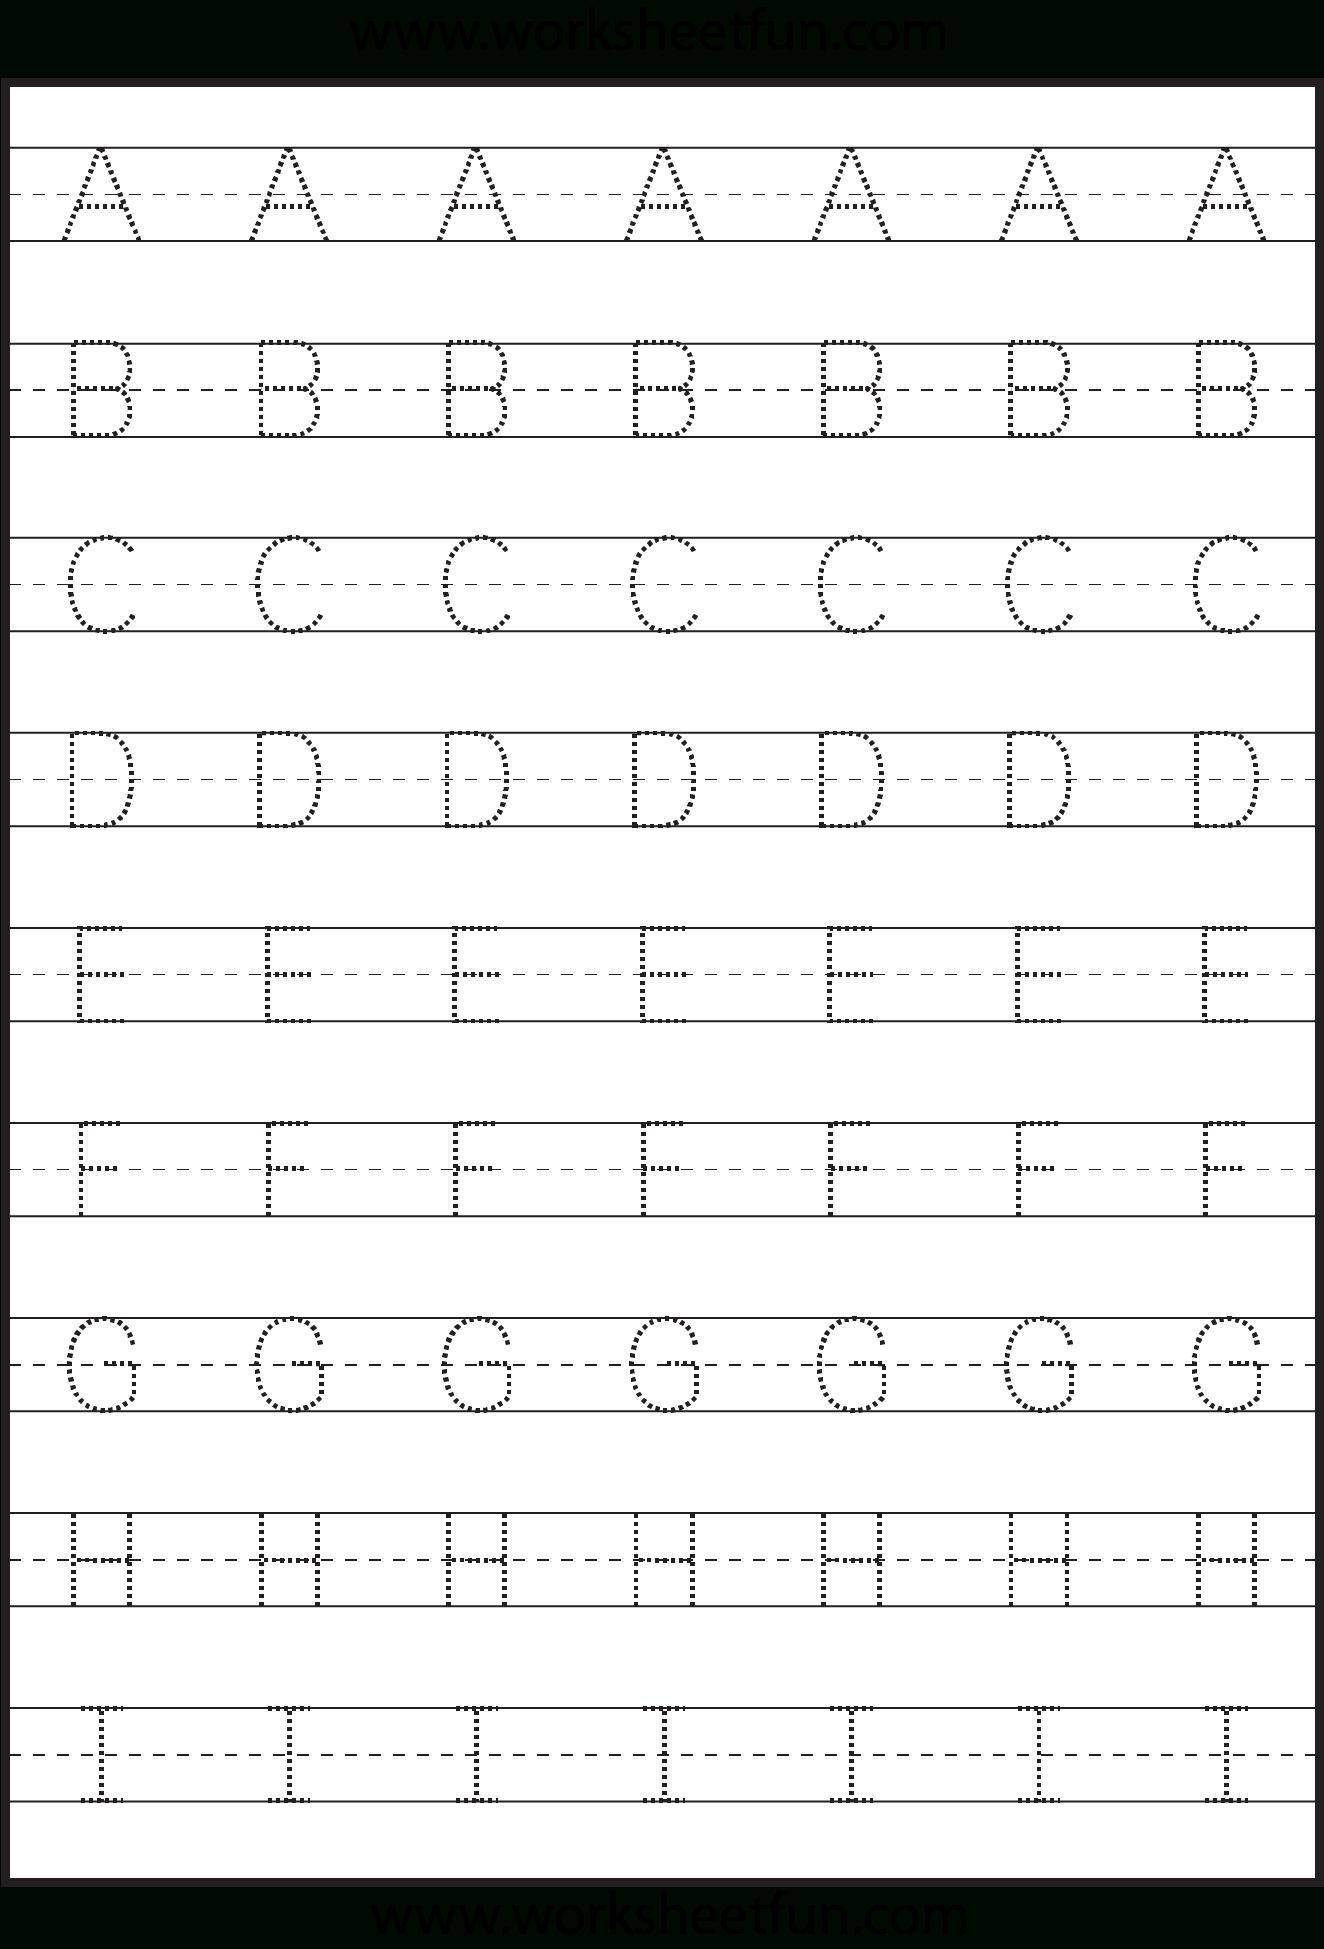 Letter Tracing - 3 Worksheets | Kids Math Worksheets with Free Download Tracing Letters Worksheets